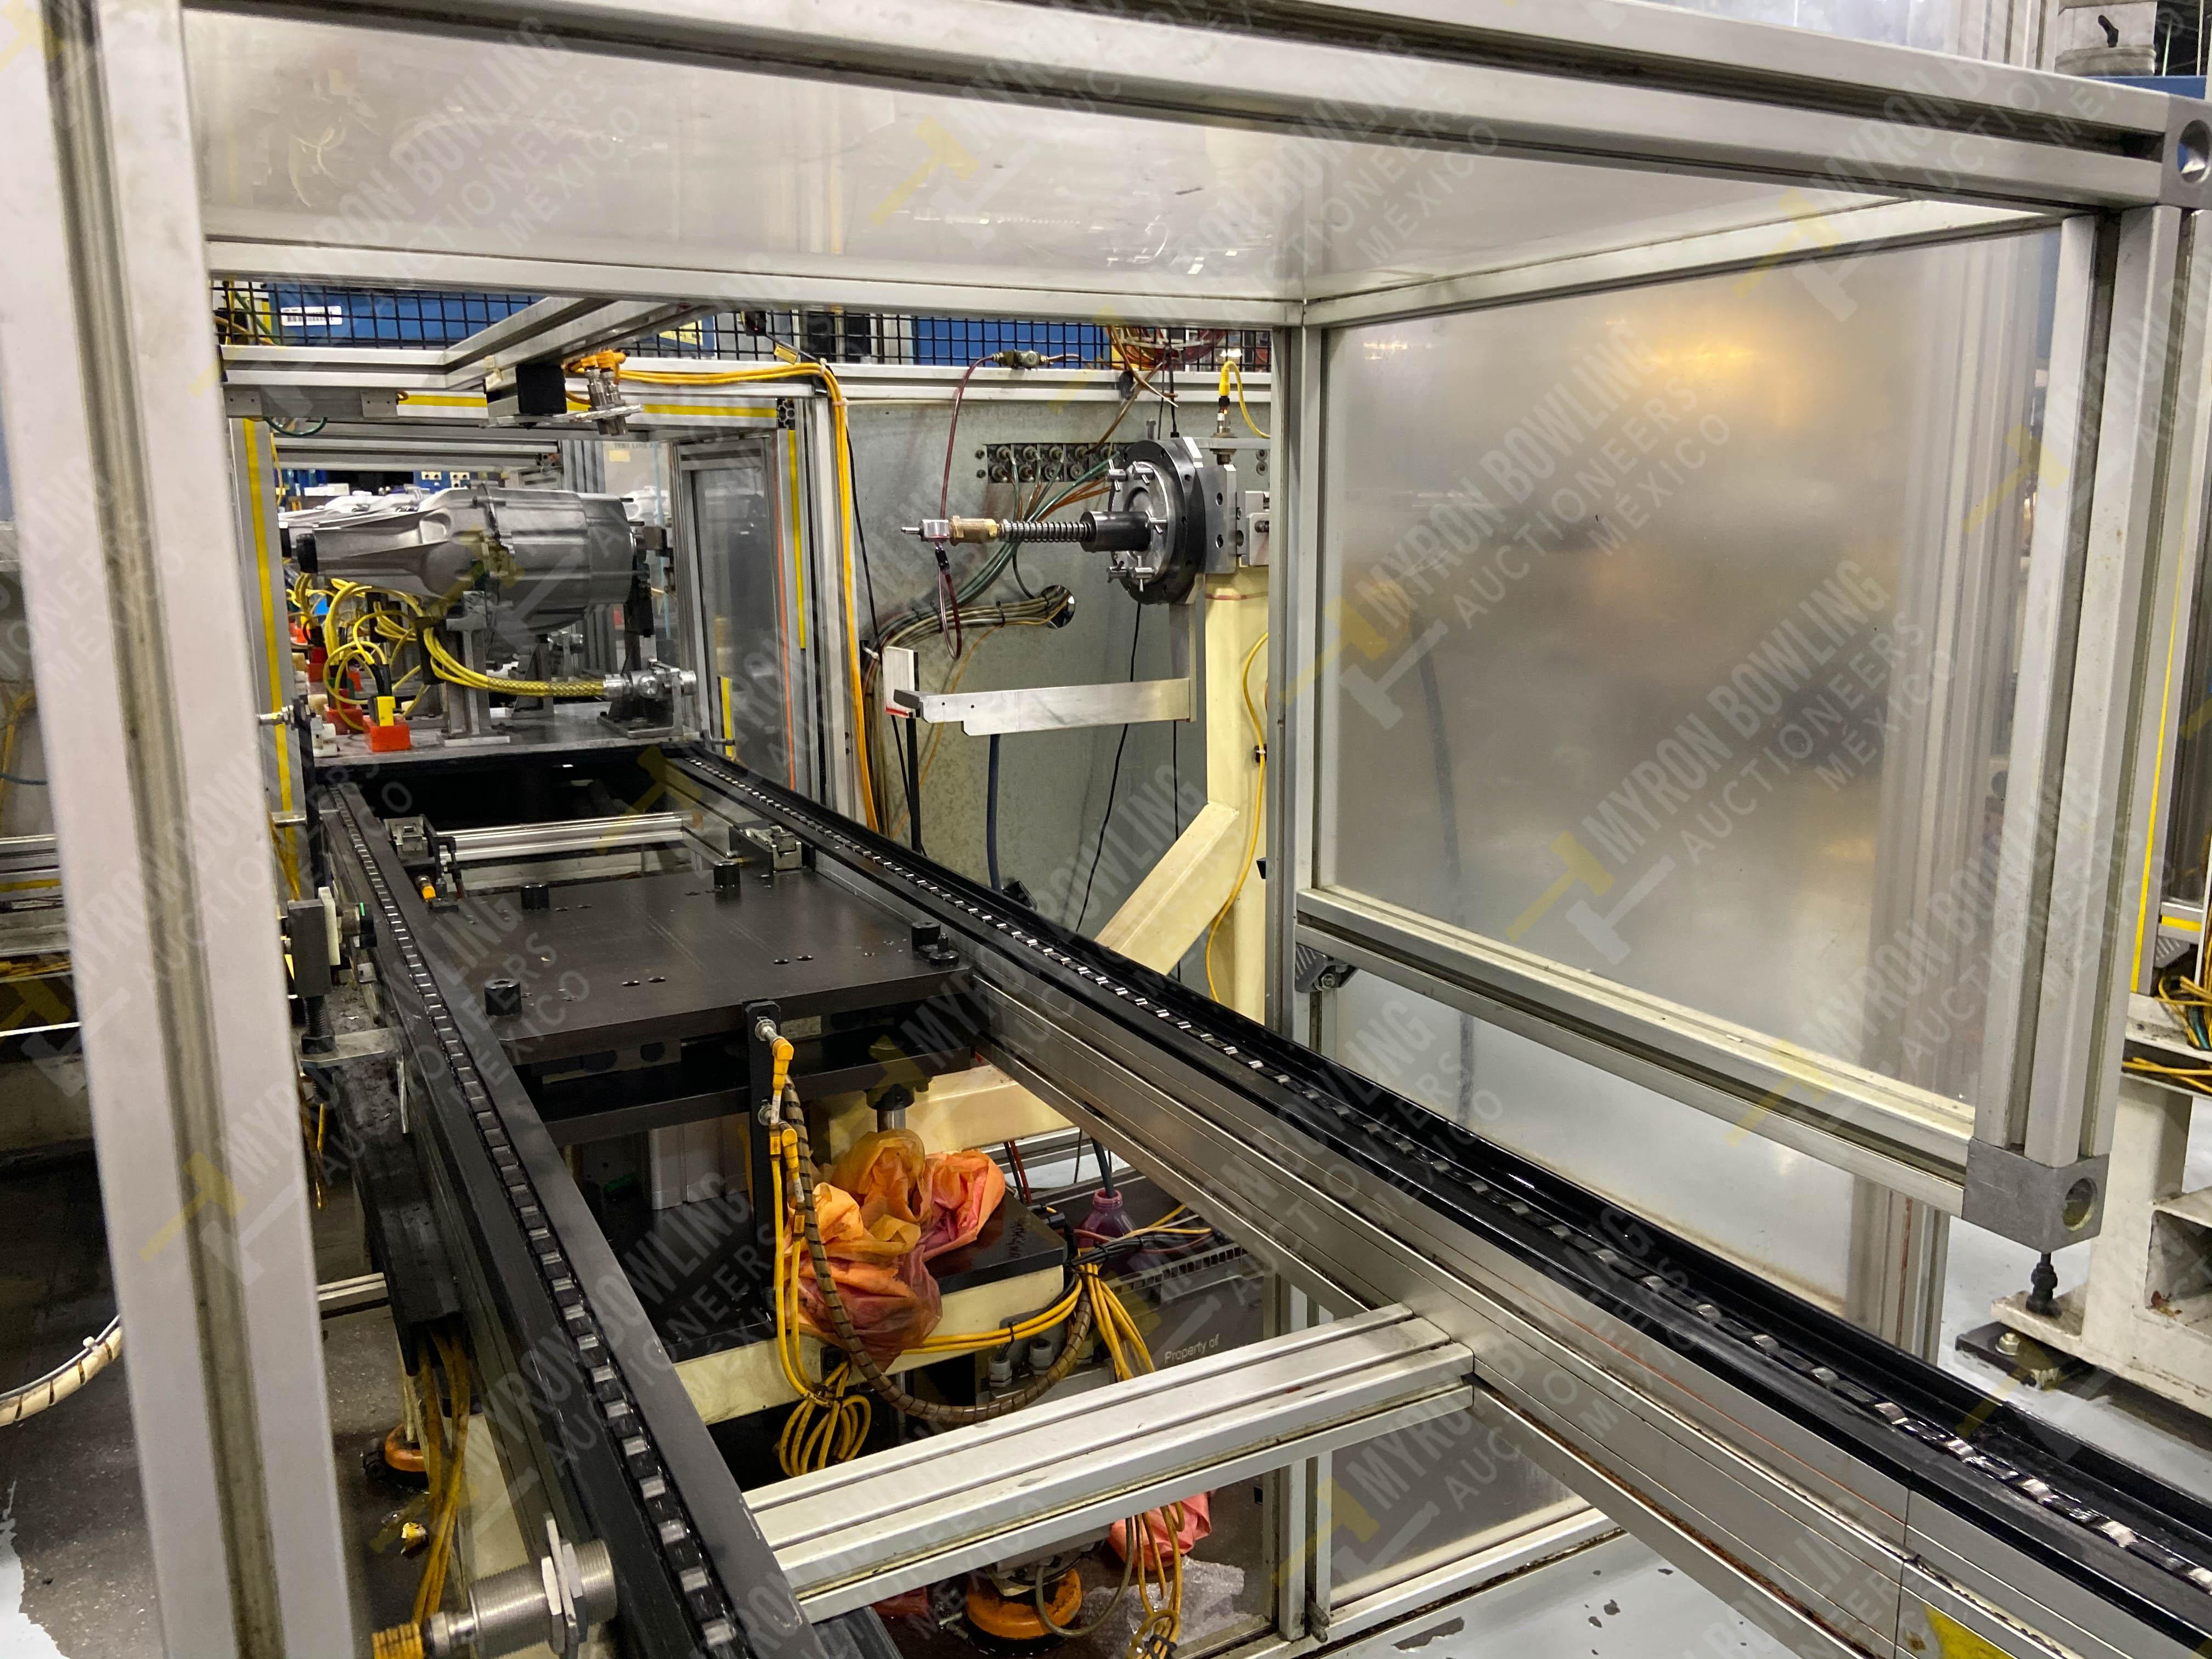 Estación semiautomática para operación 415, contiene: Máquina pesadora de piezas con 1 cilindro - Image 5 of 16